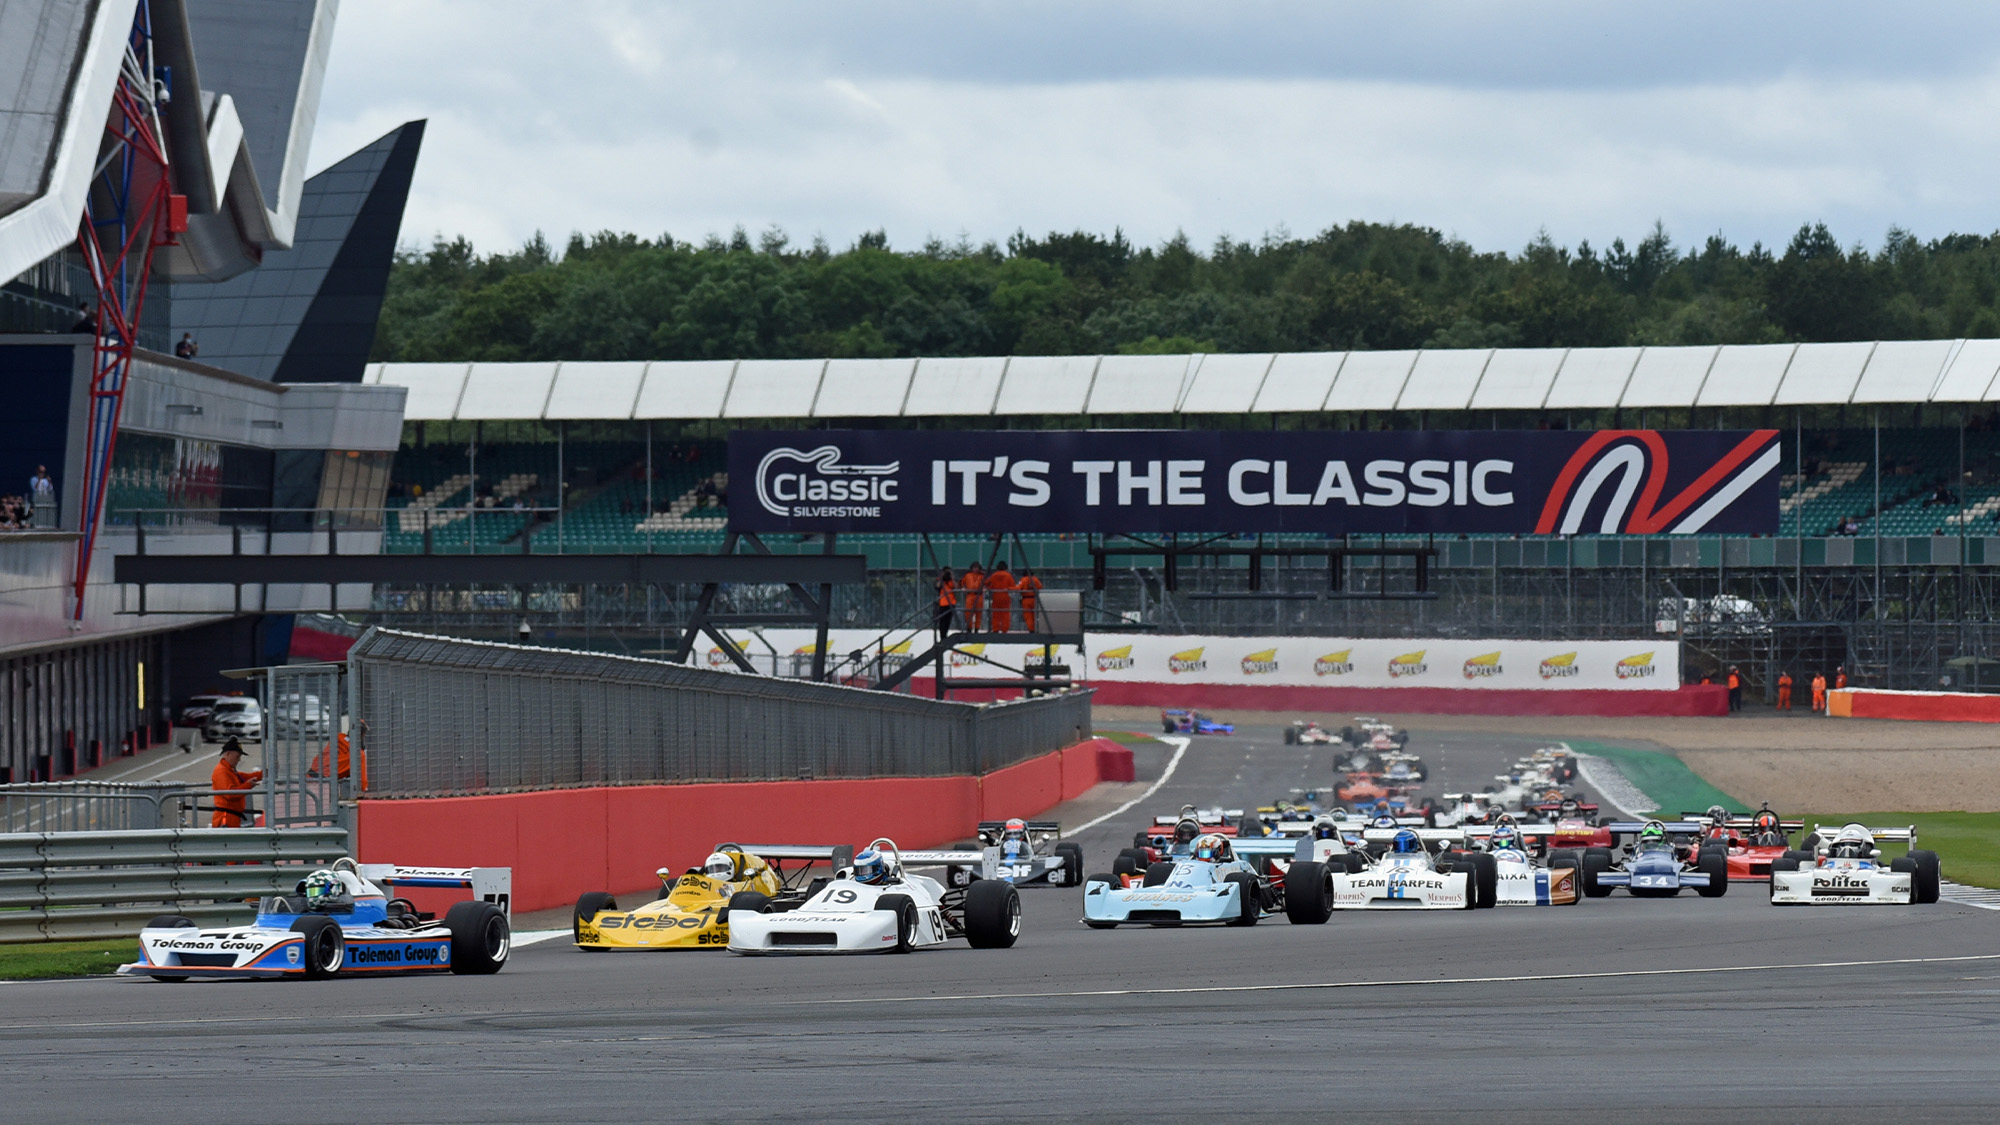 Matt Wrigley leads F2 grid at 2021 Classic at Silverstone